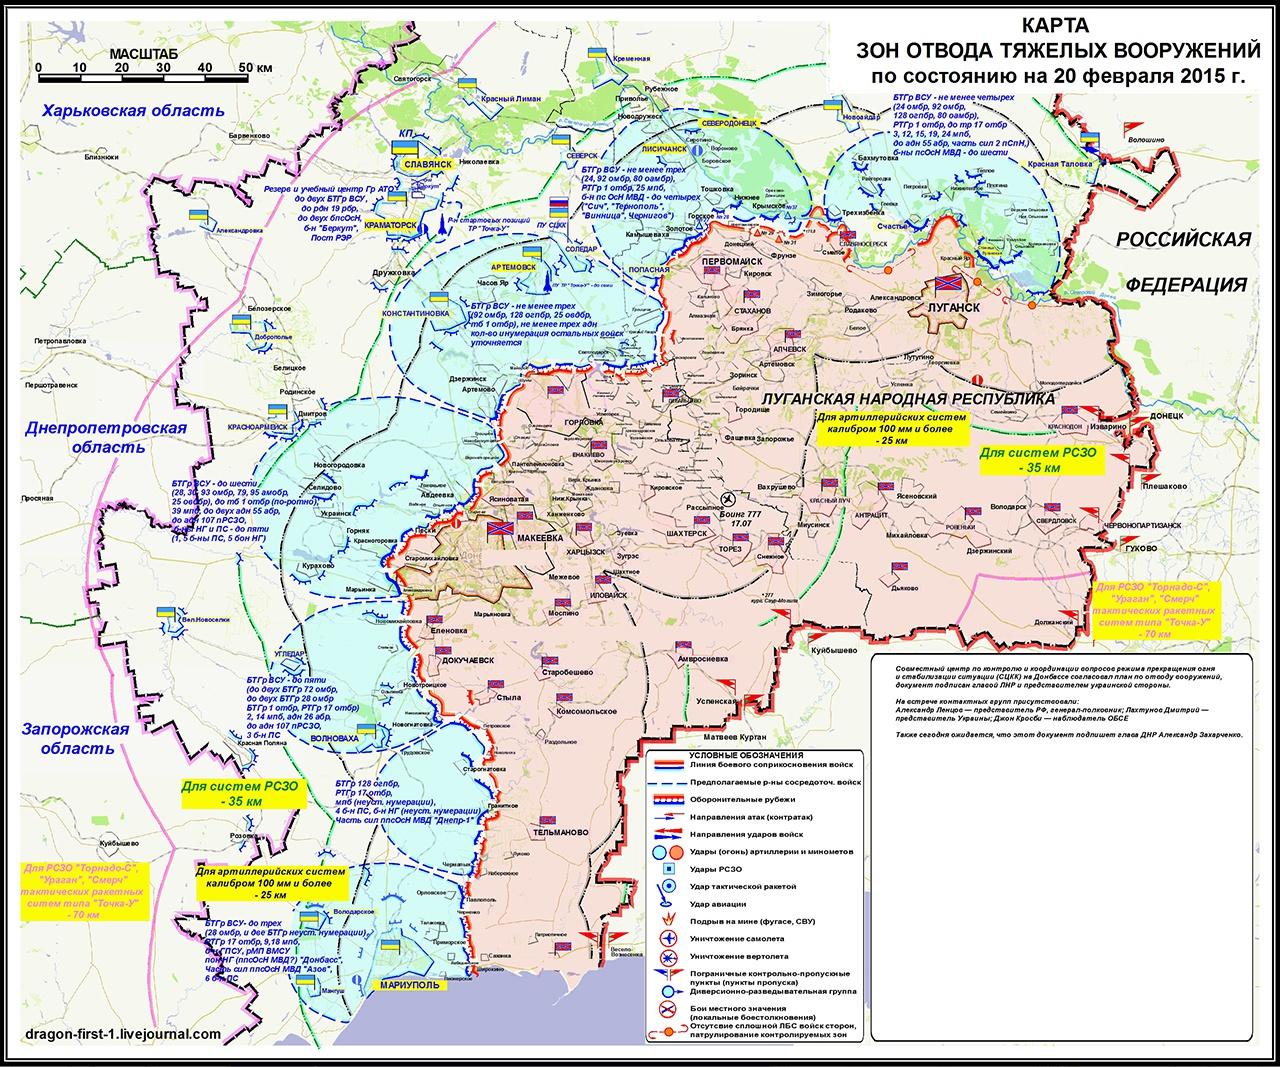 Карта зон отвода тяжёлых вооружений.